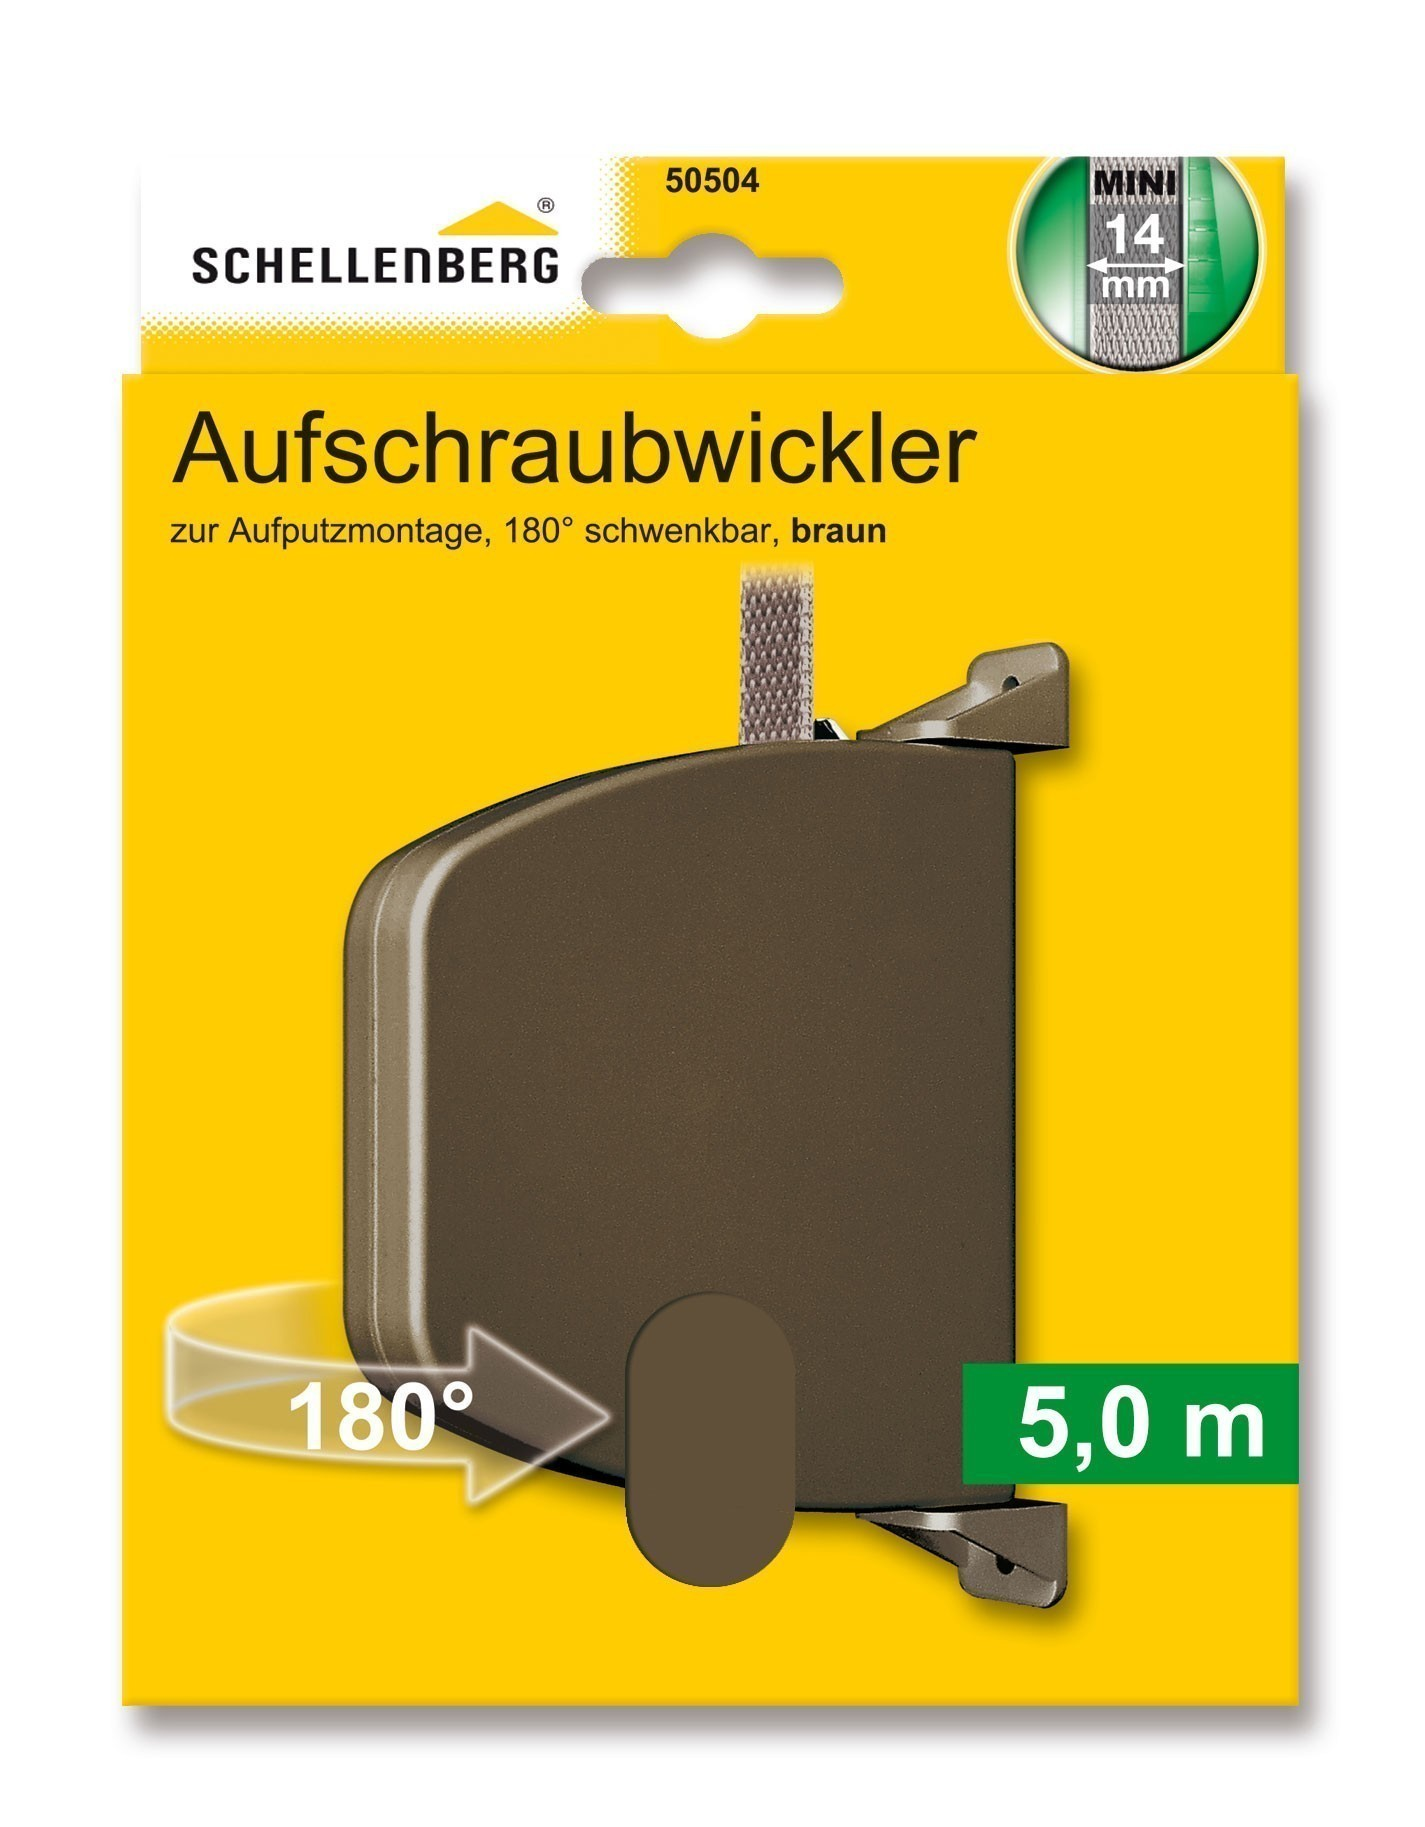 Aufschraubwickler Schellenberg Mini braun Lochabstand 14,5cm Bild 1